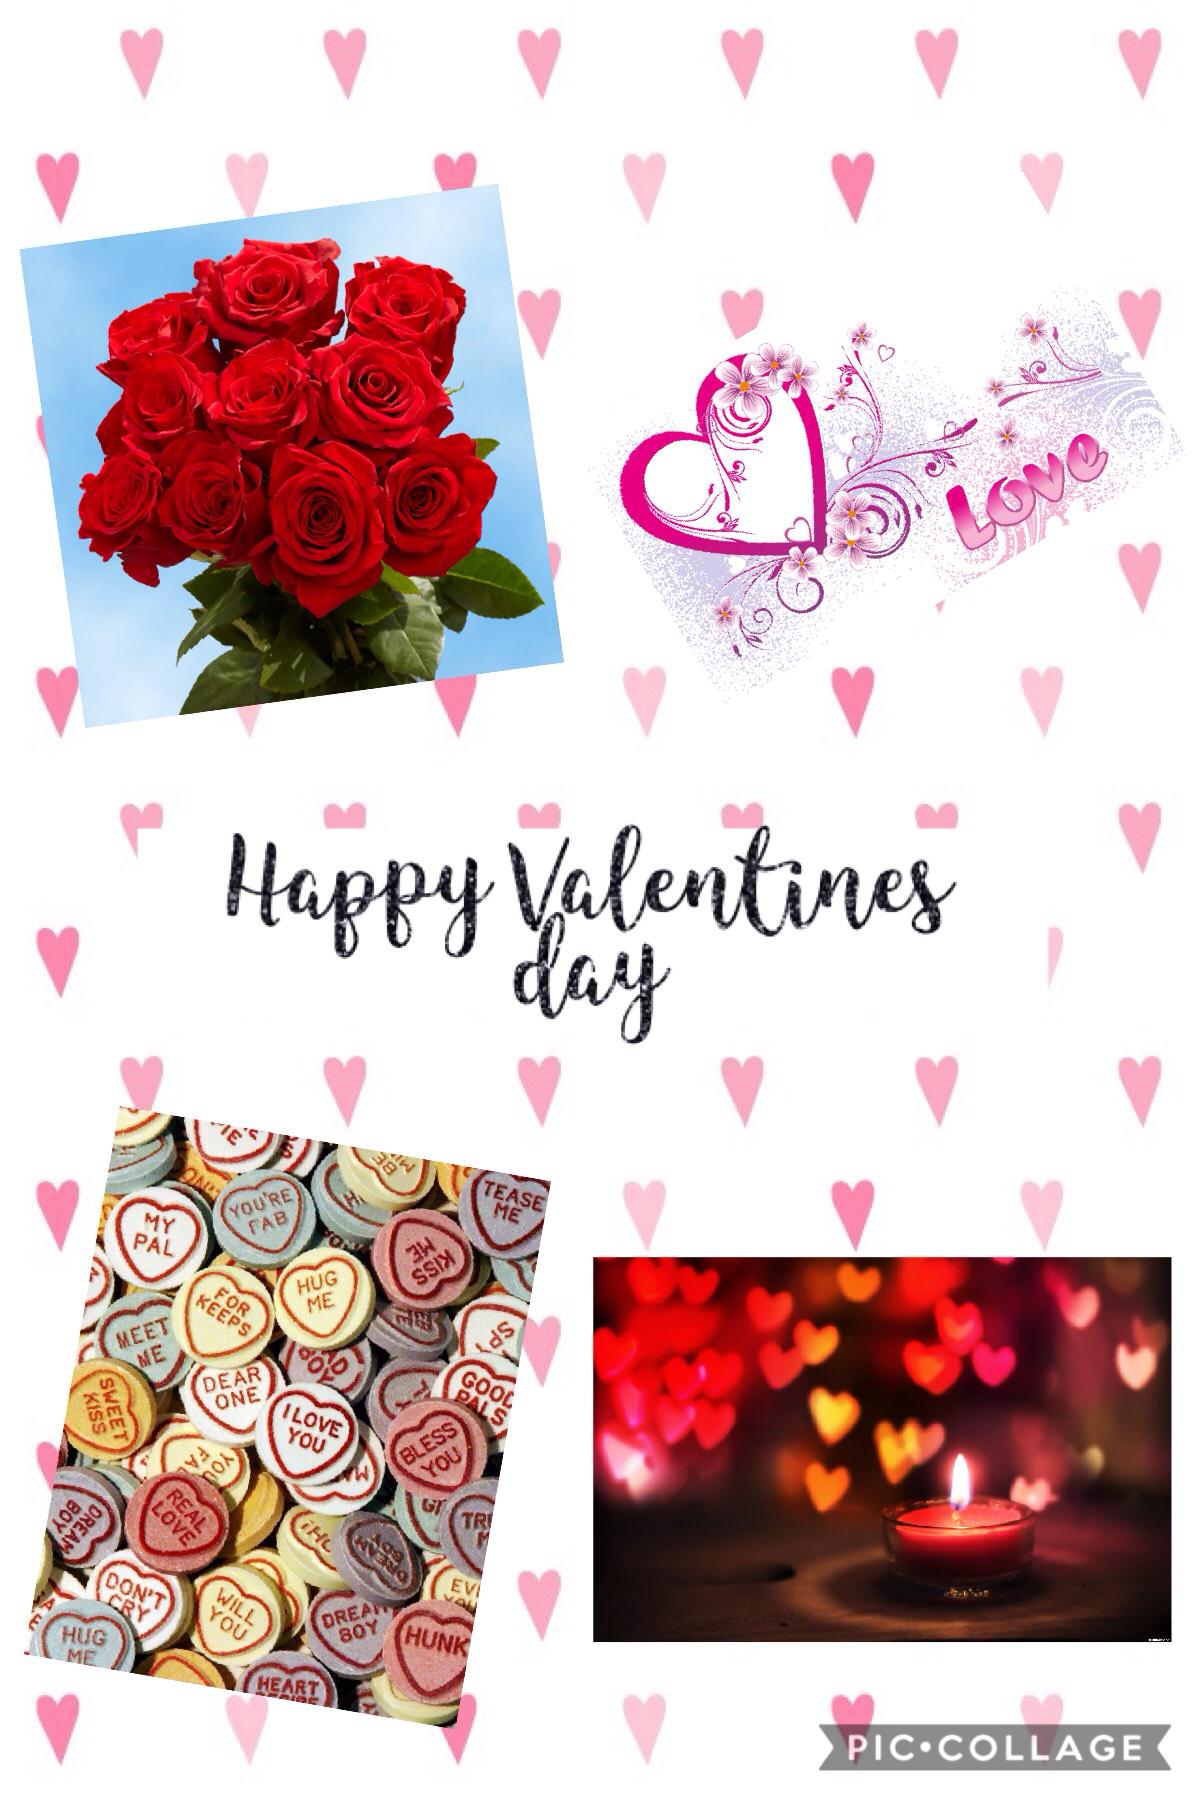 Happy Valentine's Day 💝